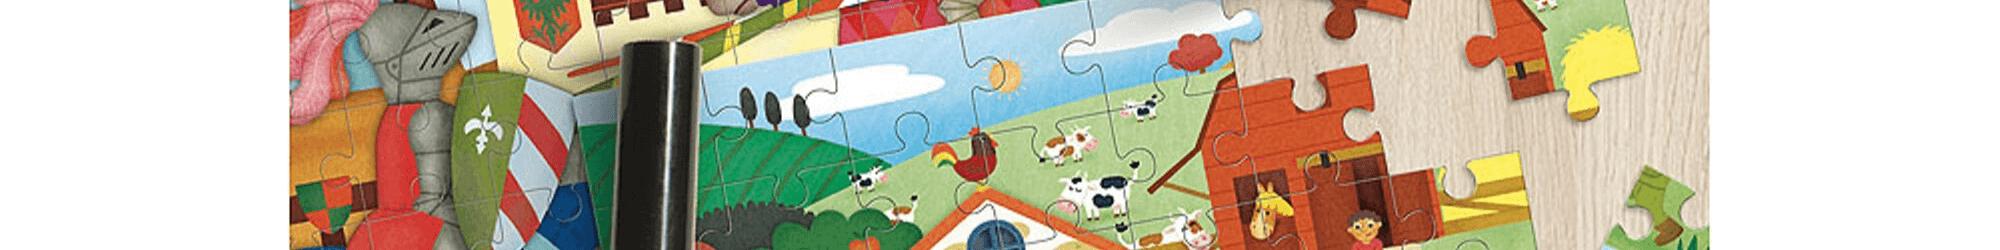 Speelgoedwinkel Daantje houten speelgoed puzzels